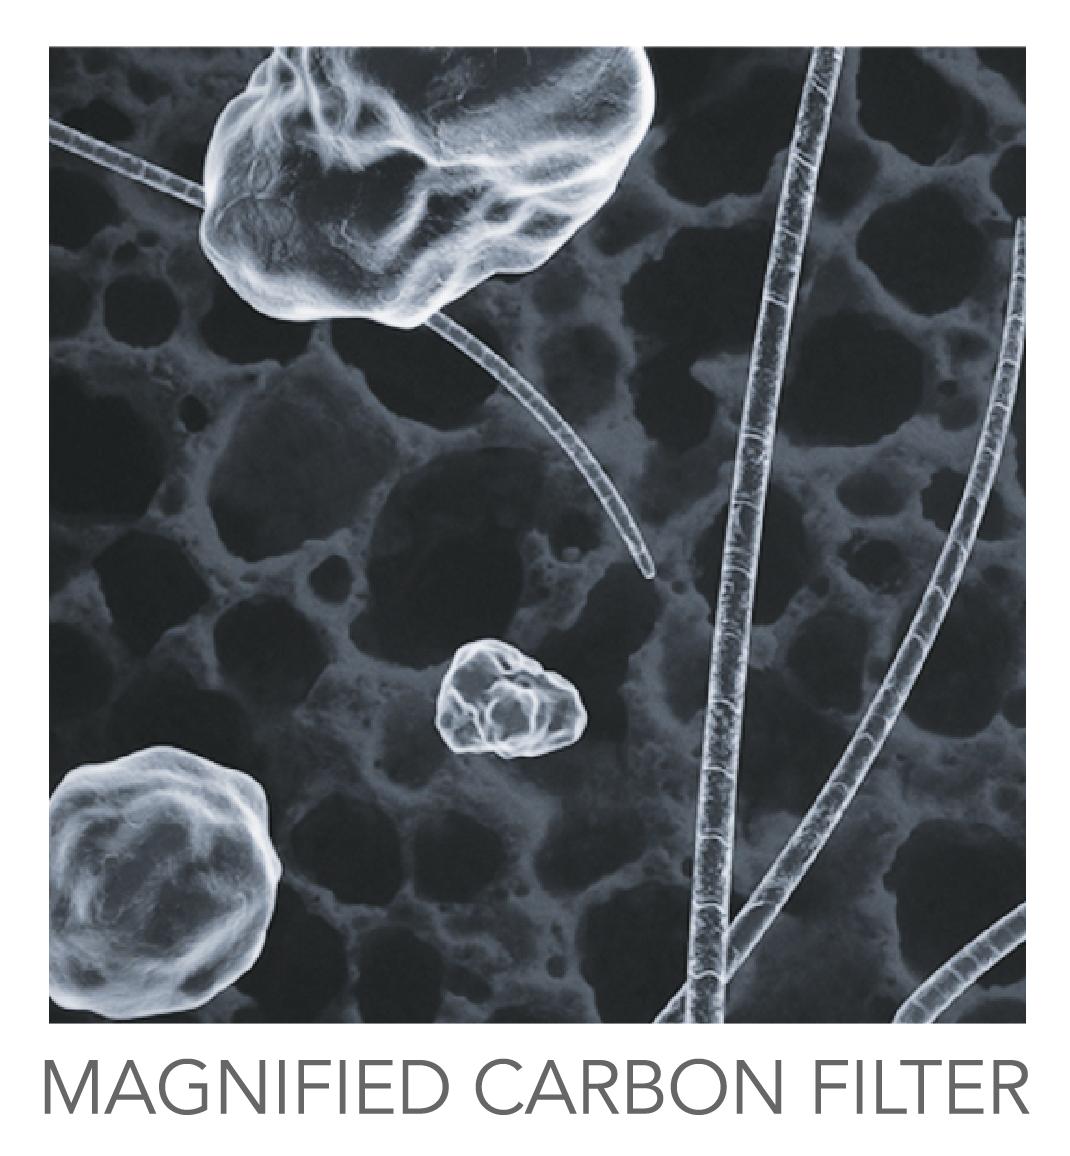 Vornado Filter günstig sehr gut kaufen Carbon Filter